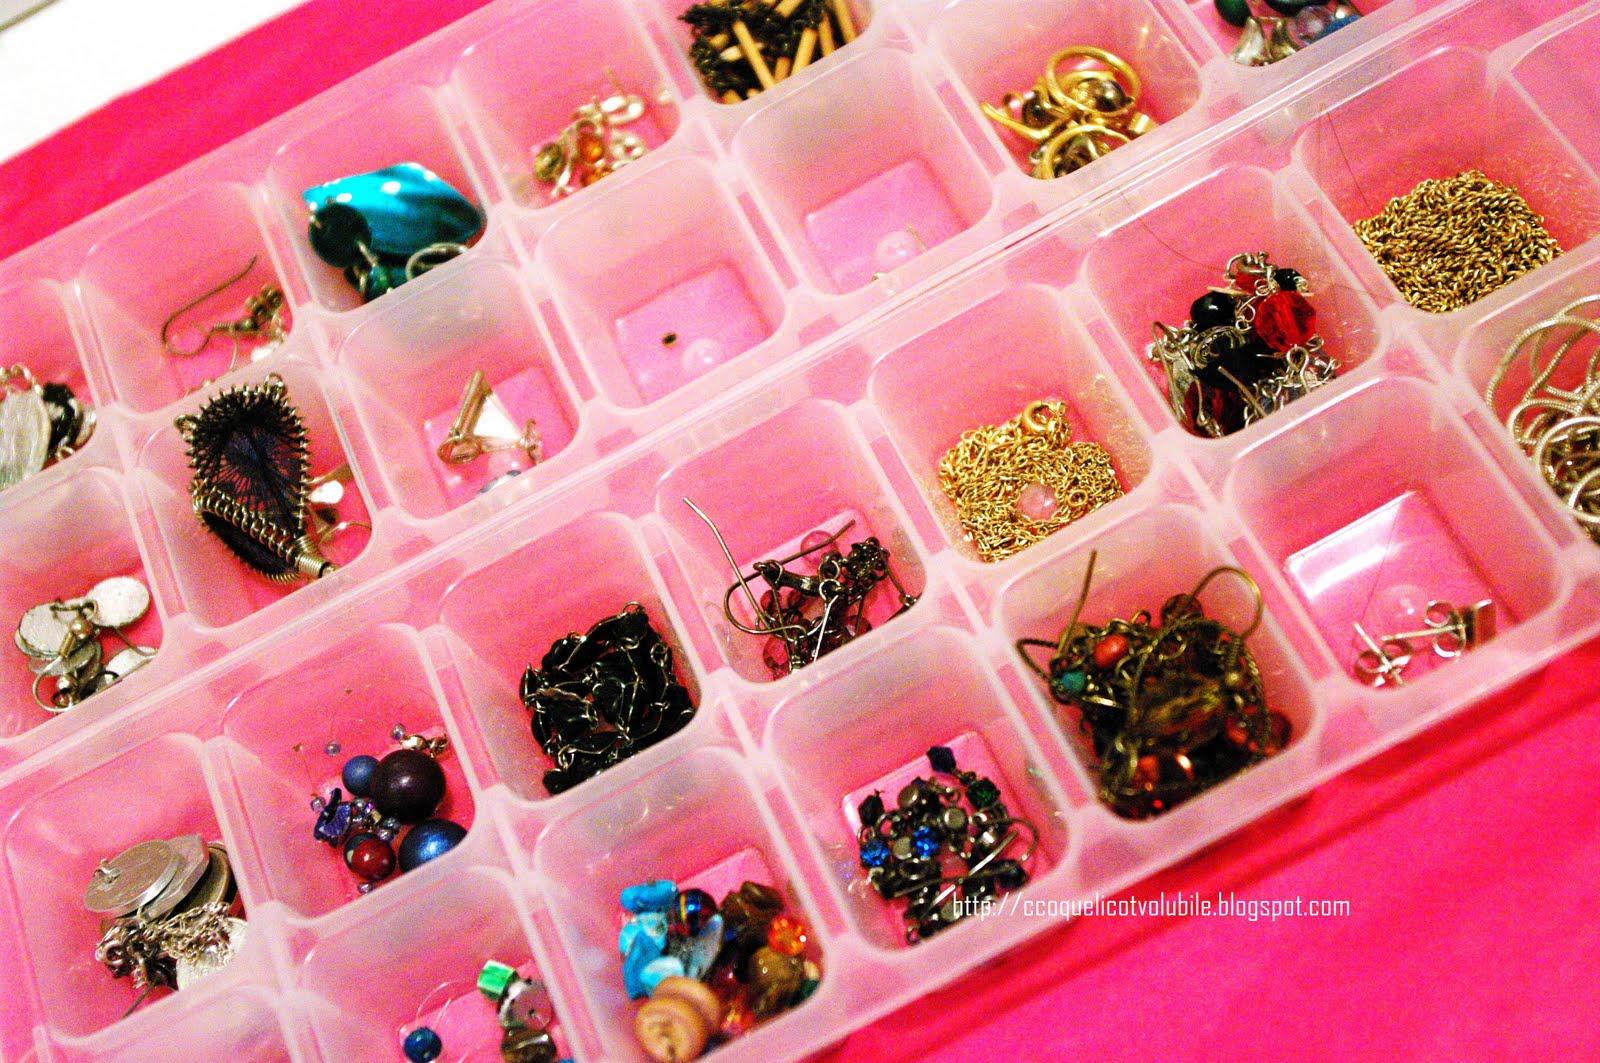 Comment Ranger Ses Verres coquelicot volubile: comment ranger ses bijoux : bracelets